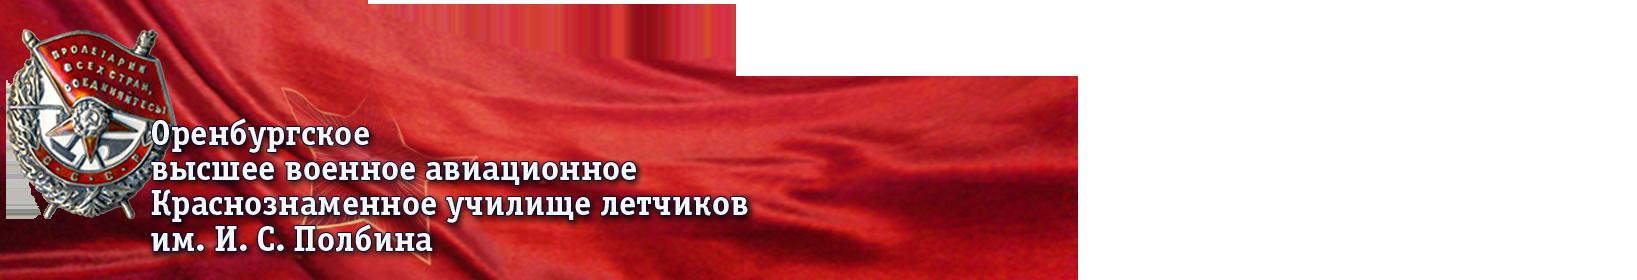 ОВВАКУЛ - Оренбургское высшее военное авиационное Краснознаменное училище летчиков имени И. С. Полбина